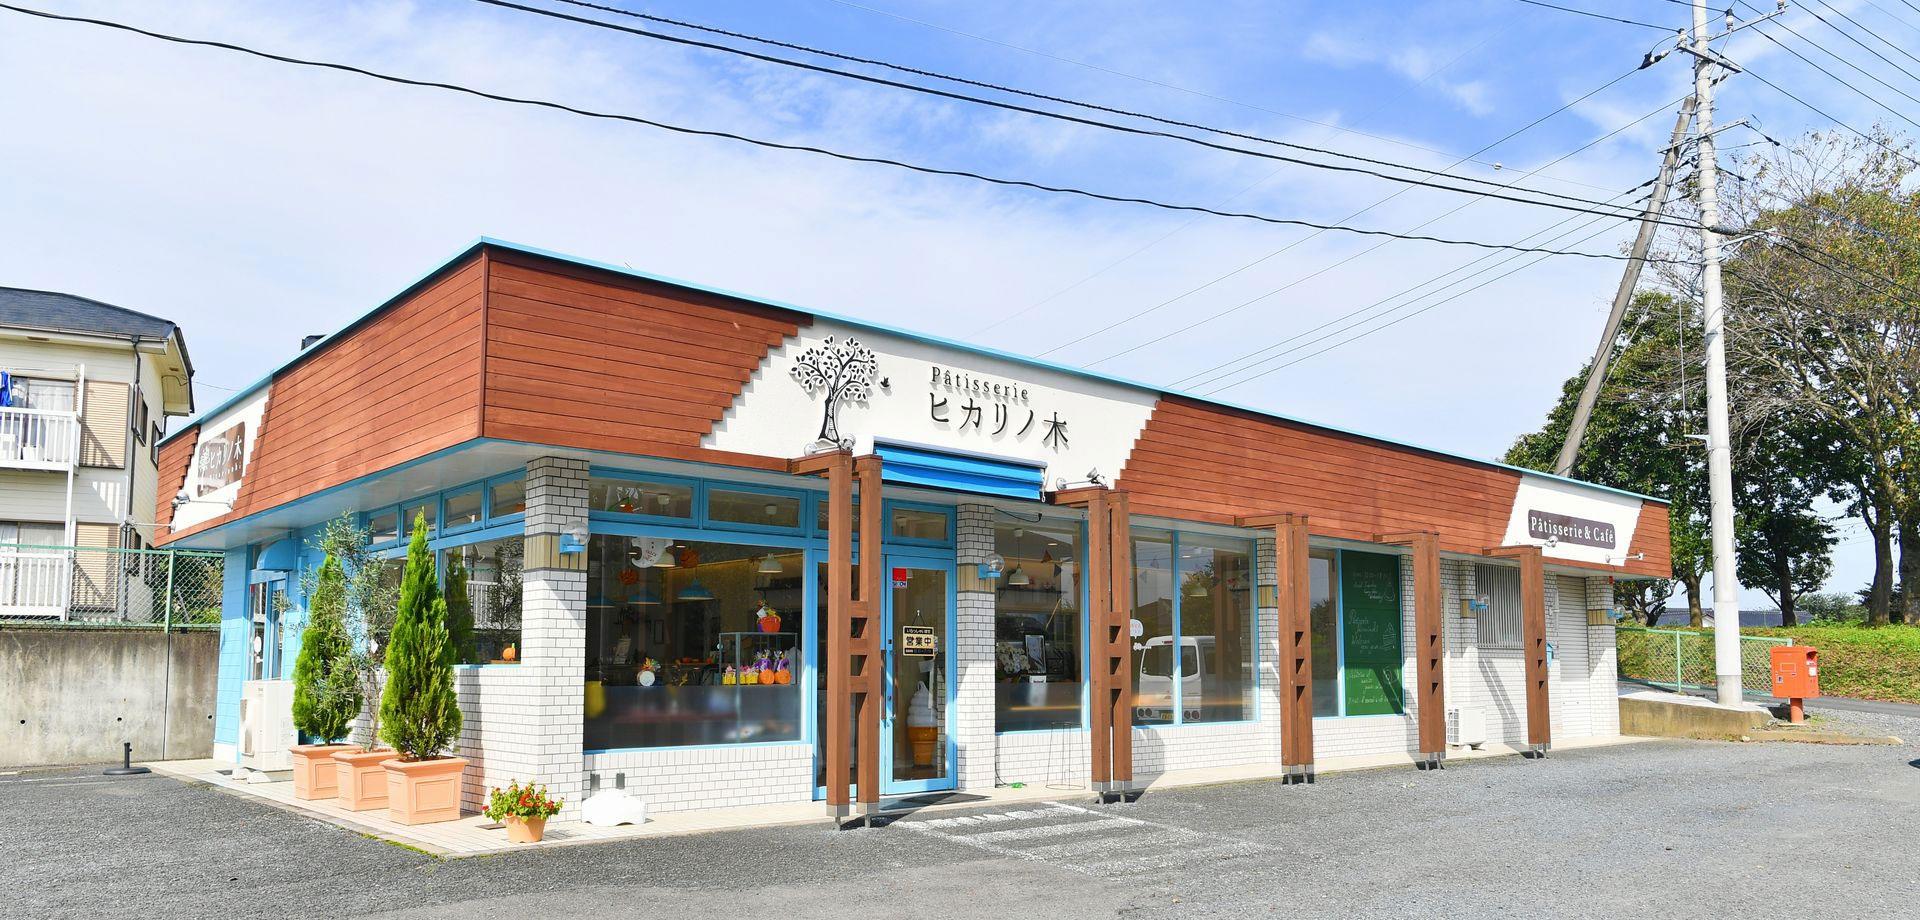 洋菓子・製造販売 パティスリー ヒカリノ木